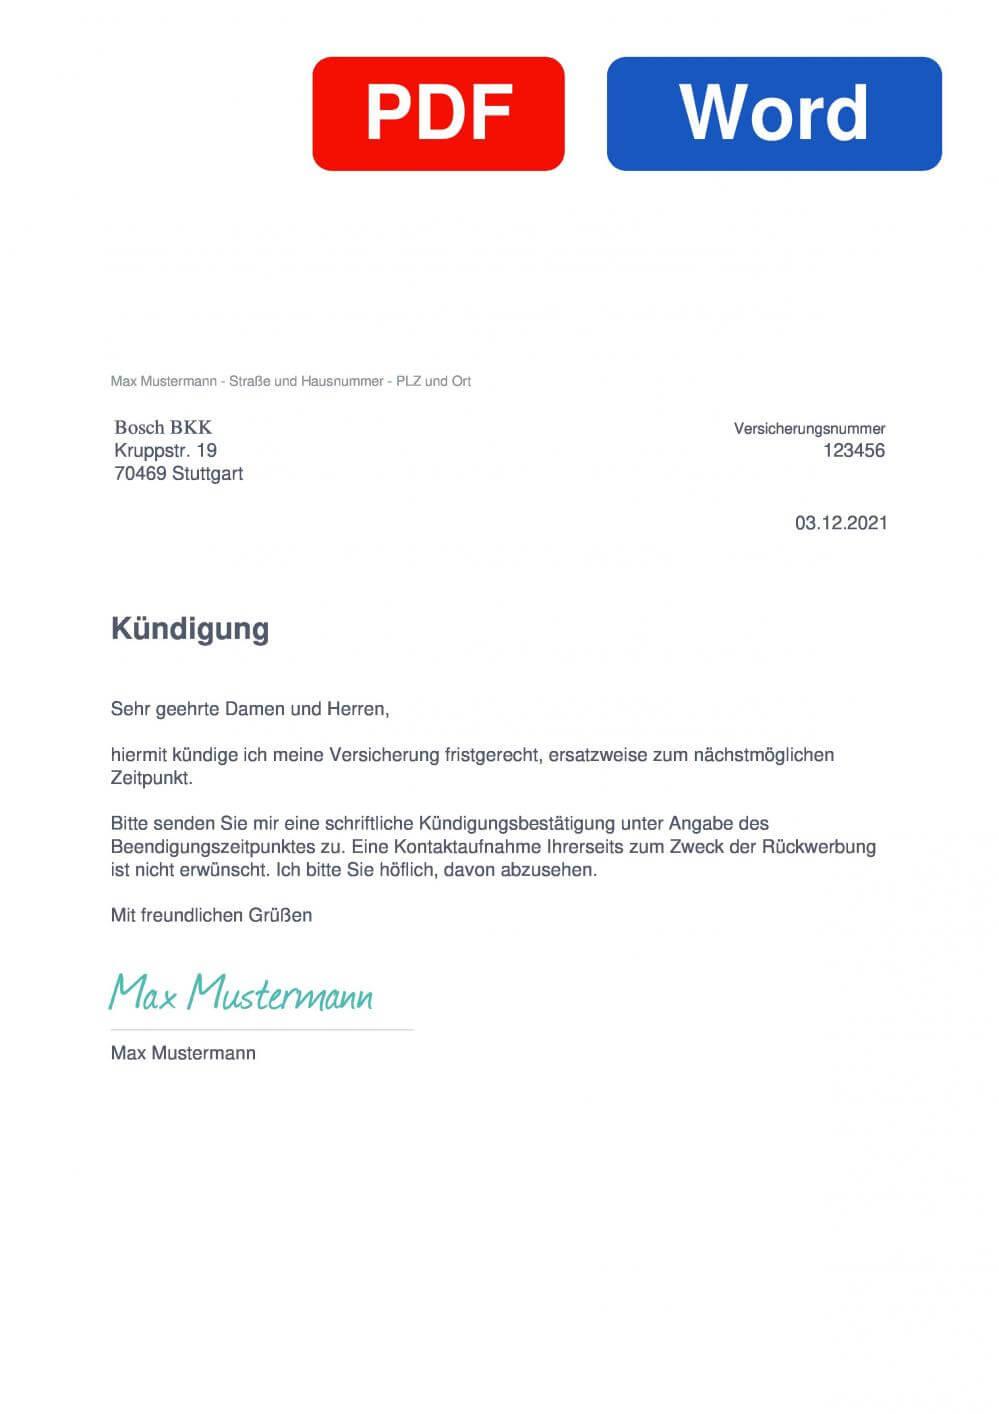 Bosch BKK Muster Vorlage für Kündigungsschreiben